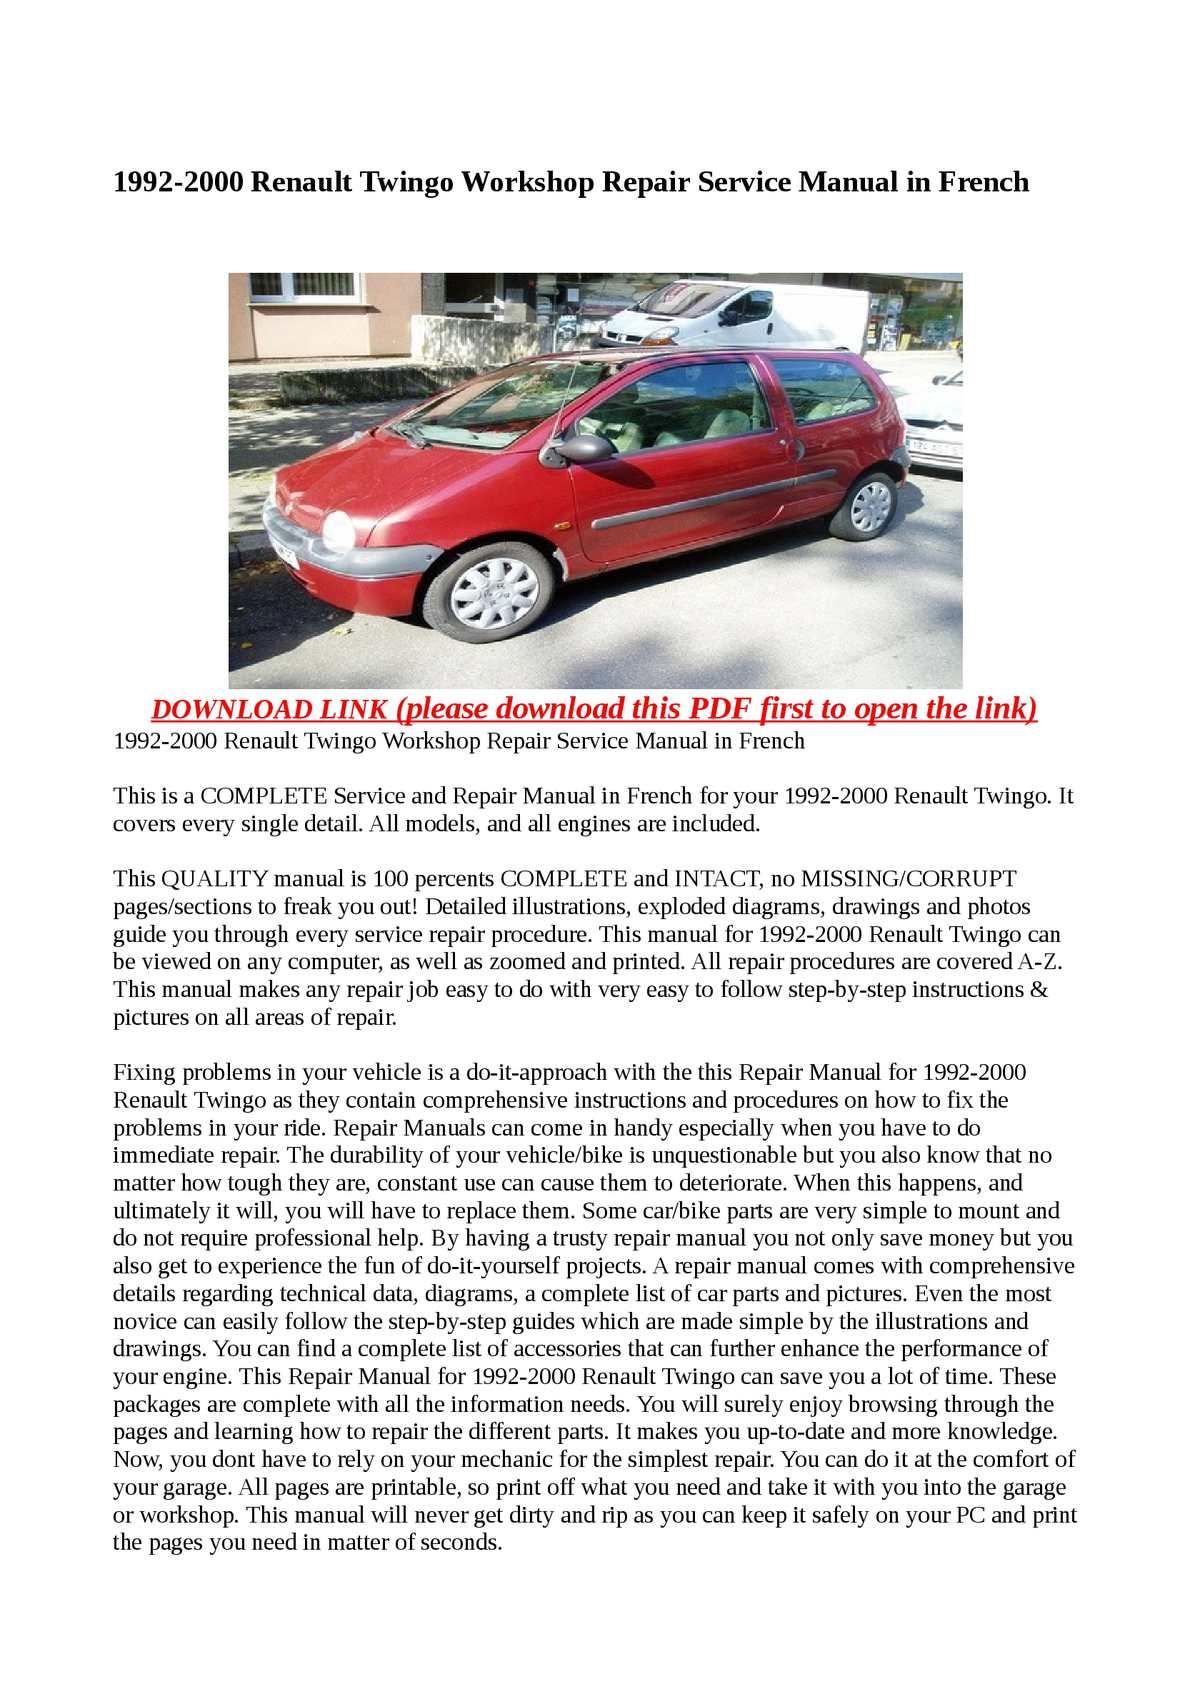 online vehicle mechanic manuals Array - calam o 1992 2000 renault twingo workshop  repair service manual in rh calameo com